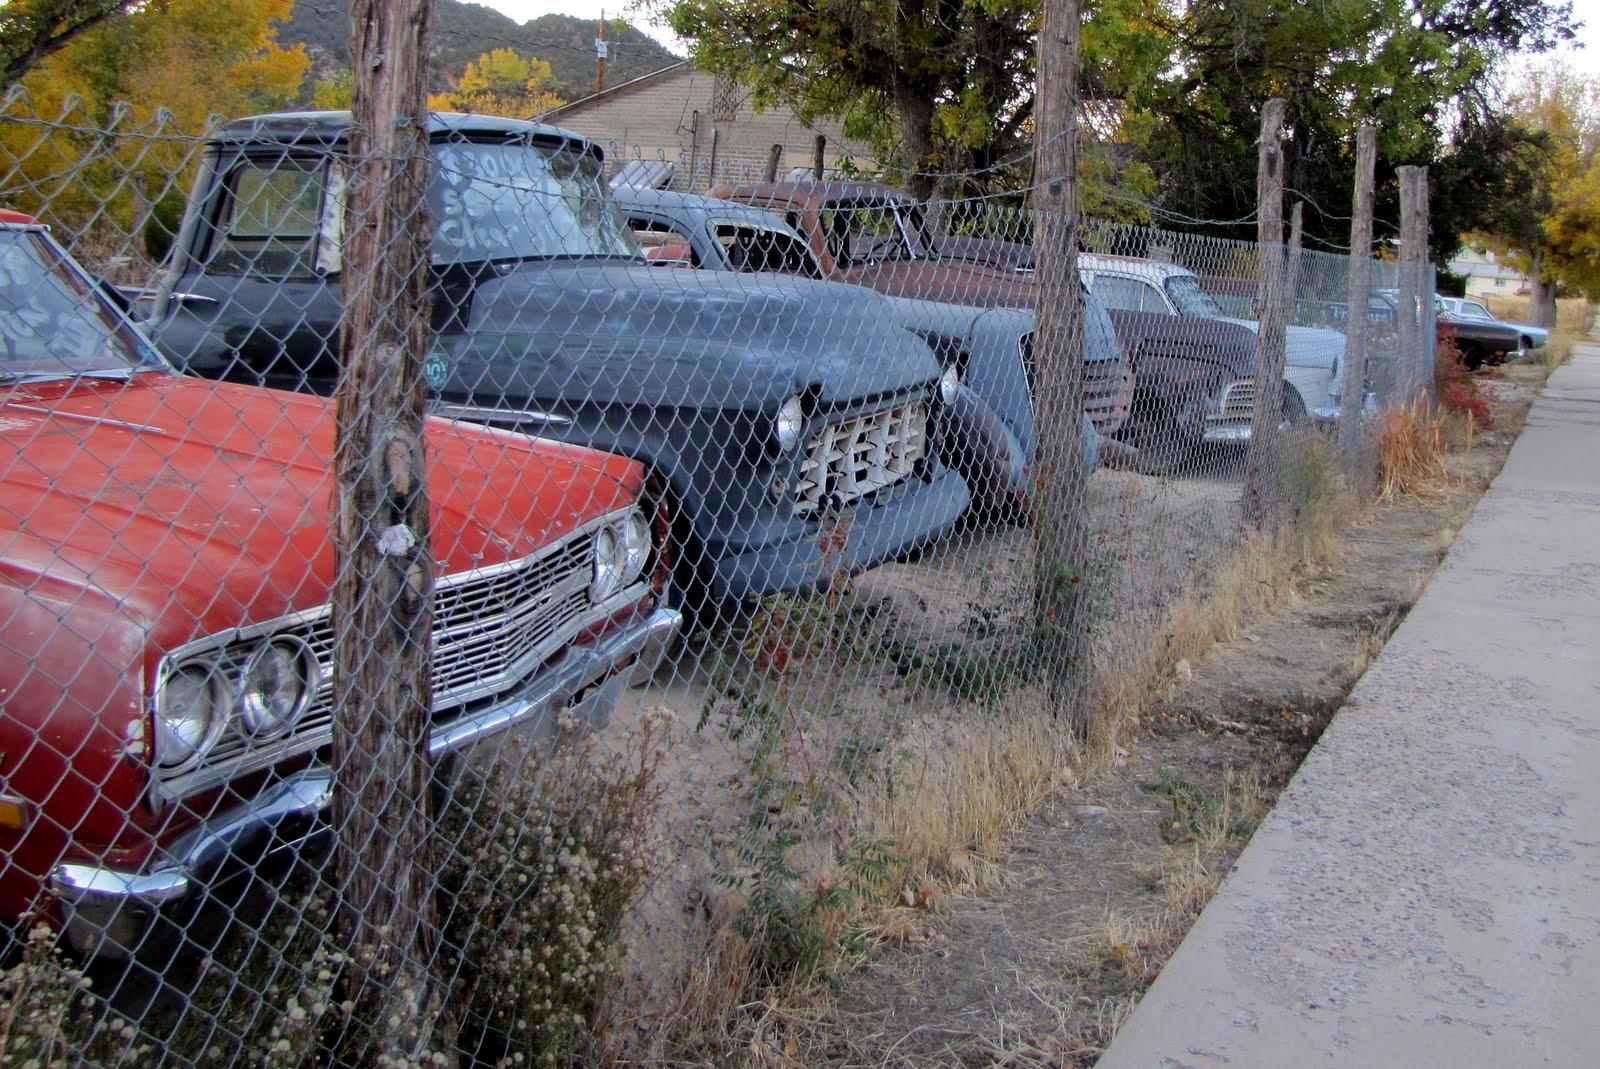 1964 Chevrolet Malibu, 1956 Chevrolet Stepside